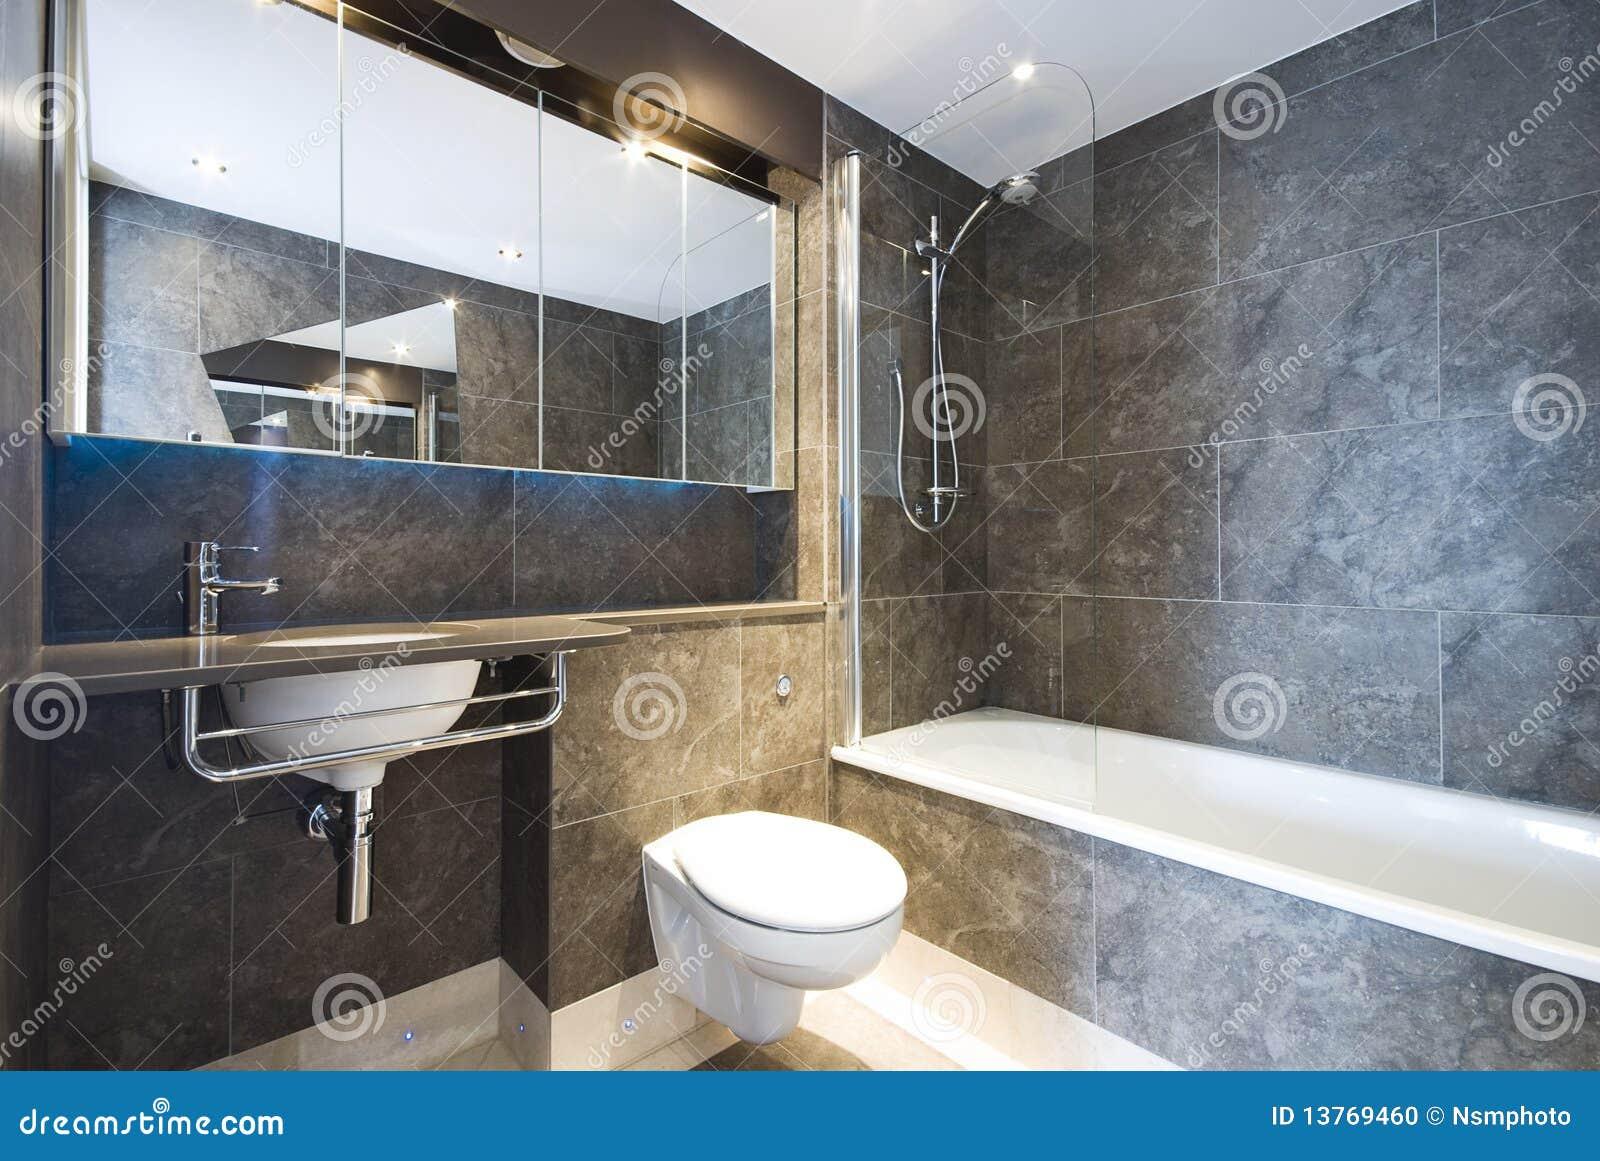 Modernes Marmorbadezimmer mit großer Badwanne